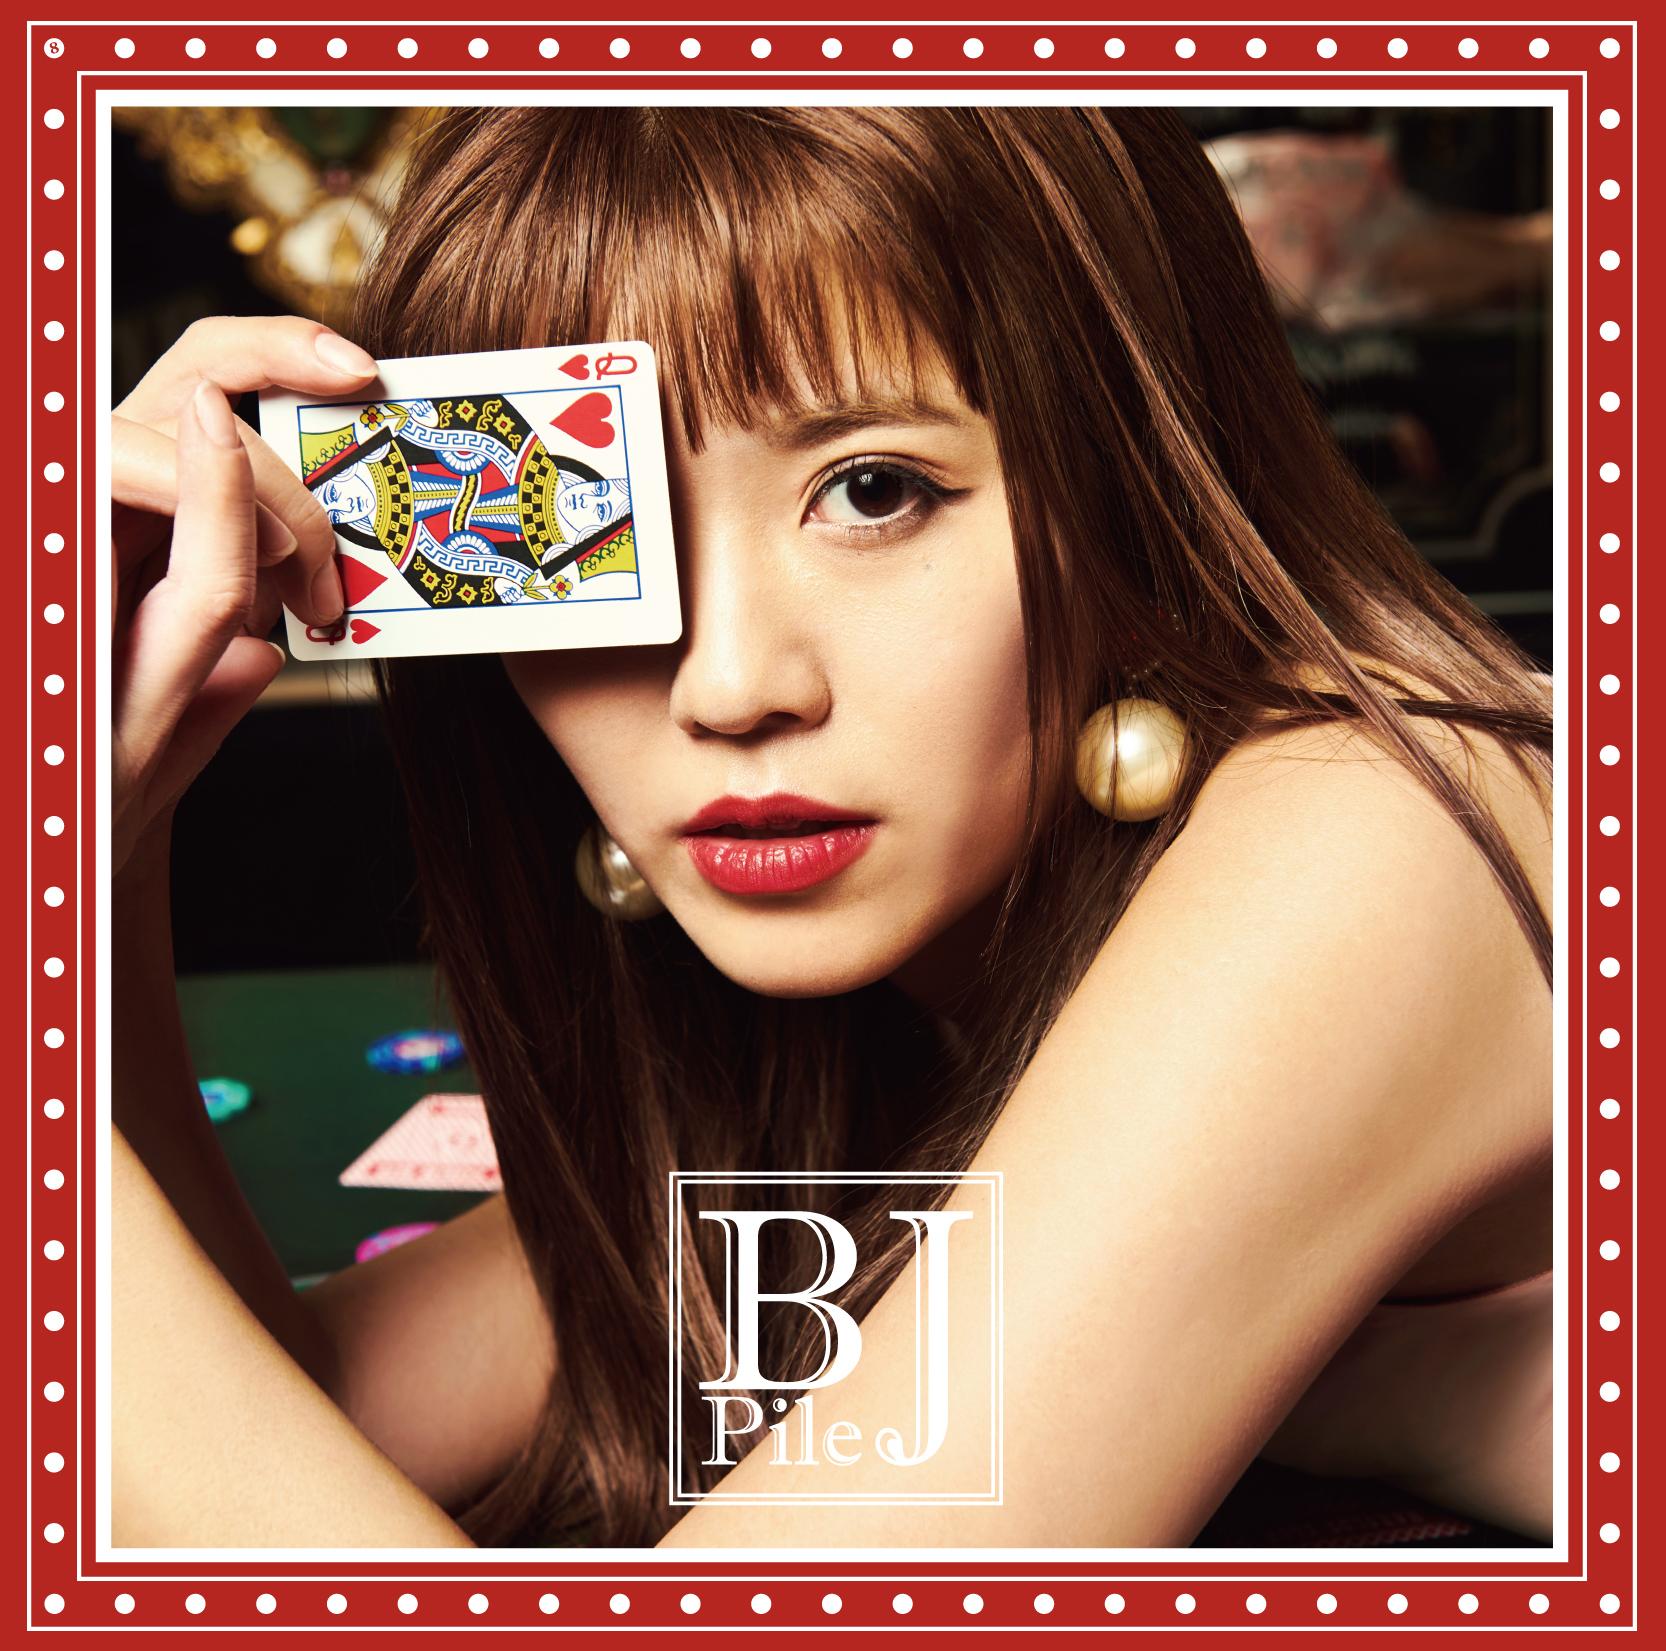 人气声优歌手pile新单曲CD《BJ》封面写真发布-ANICOGA